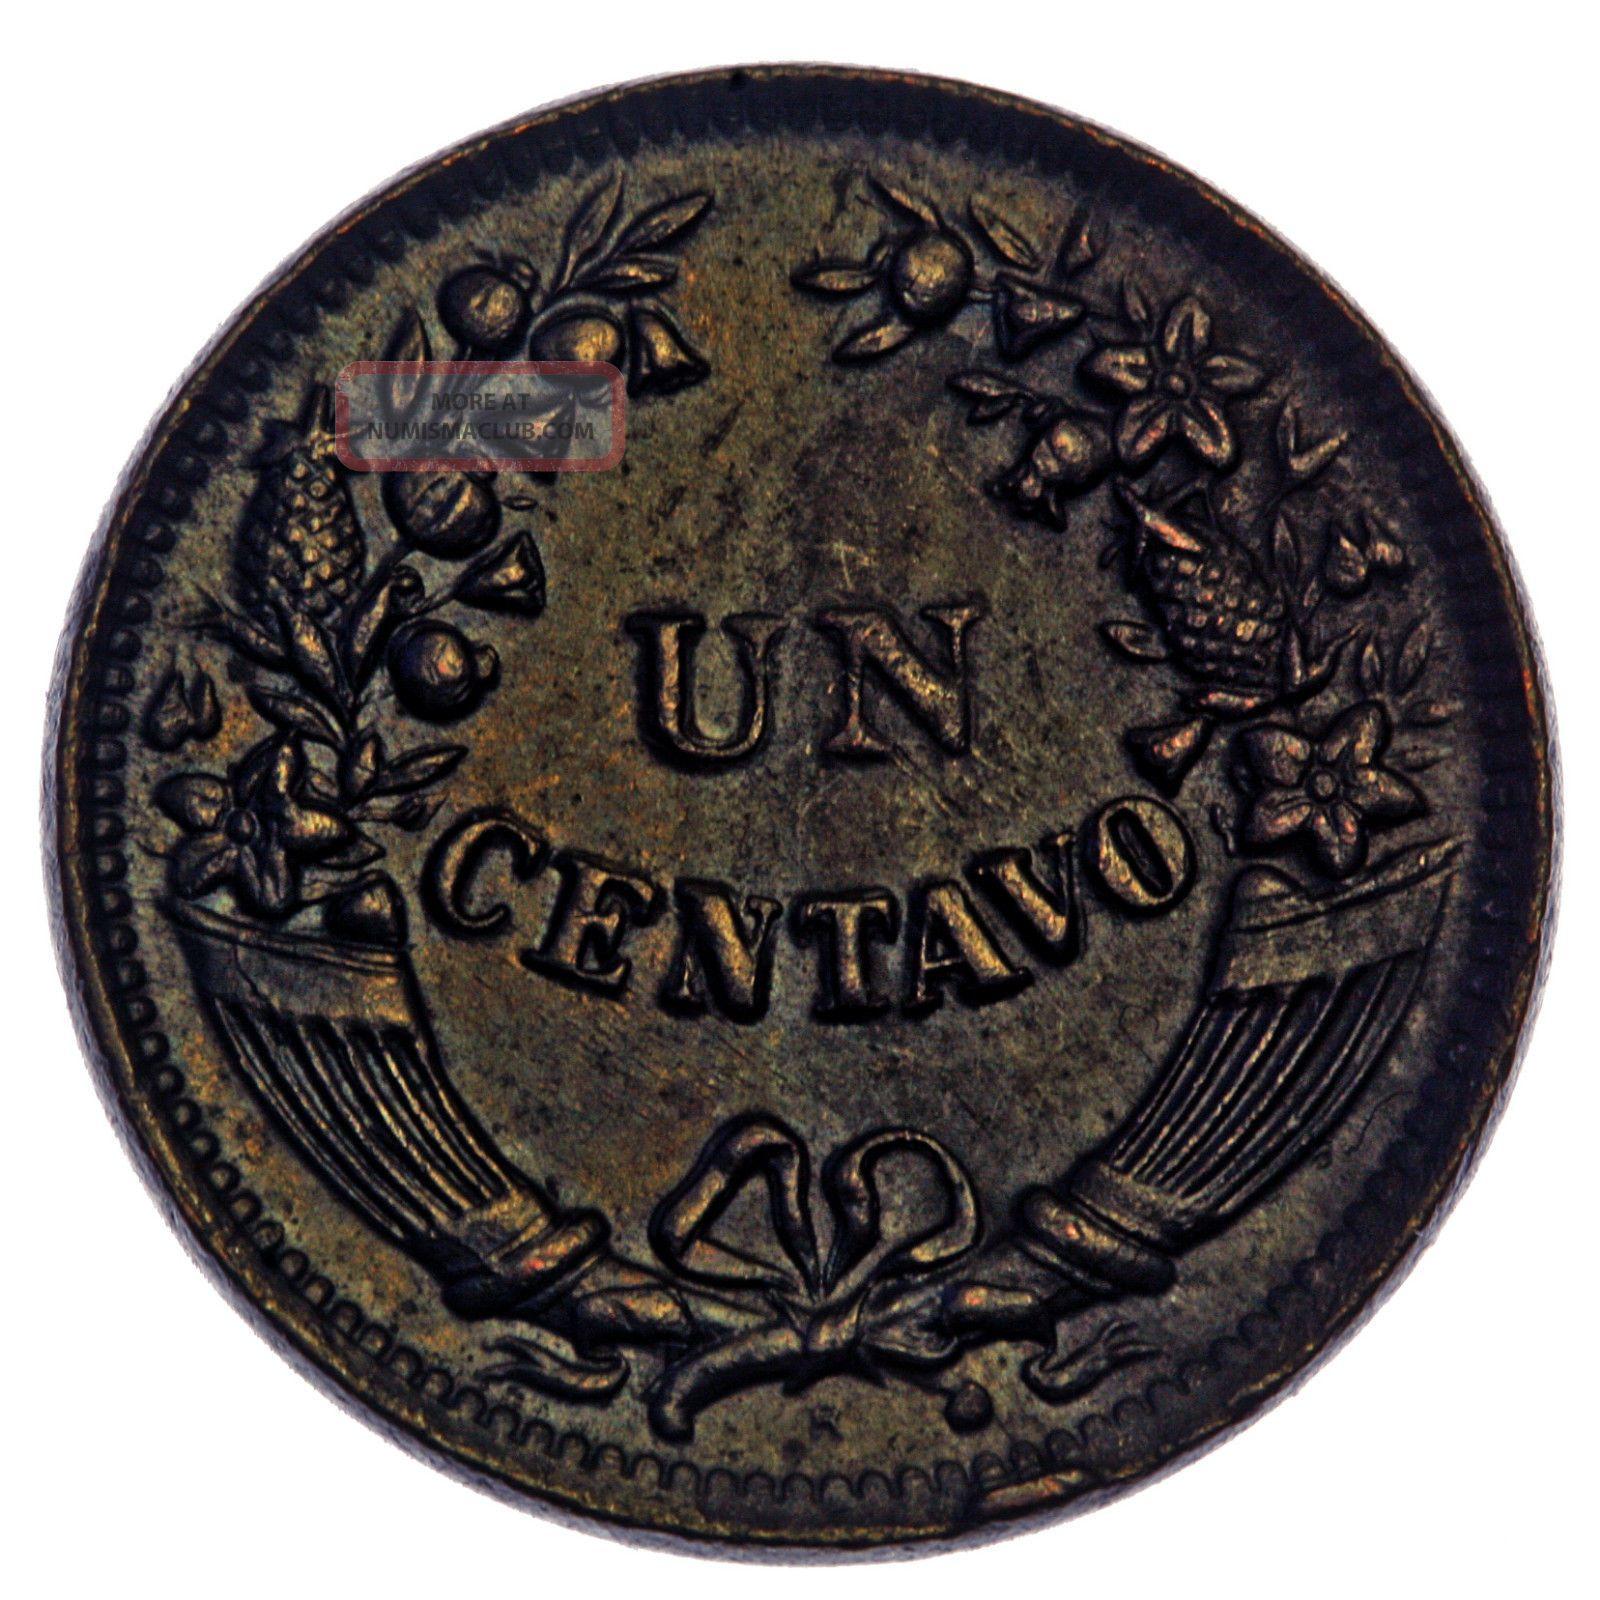 1920 R Peru Un Centavo Coin Actual Coin Photos Shown Usa Peru photo